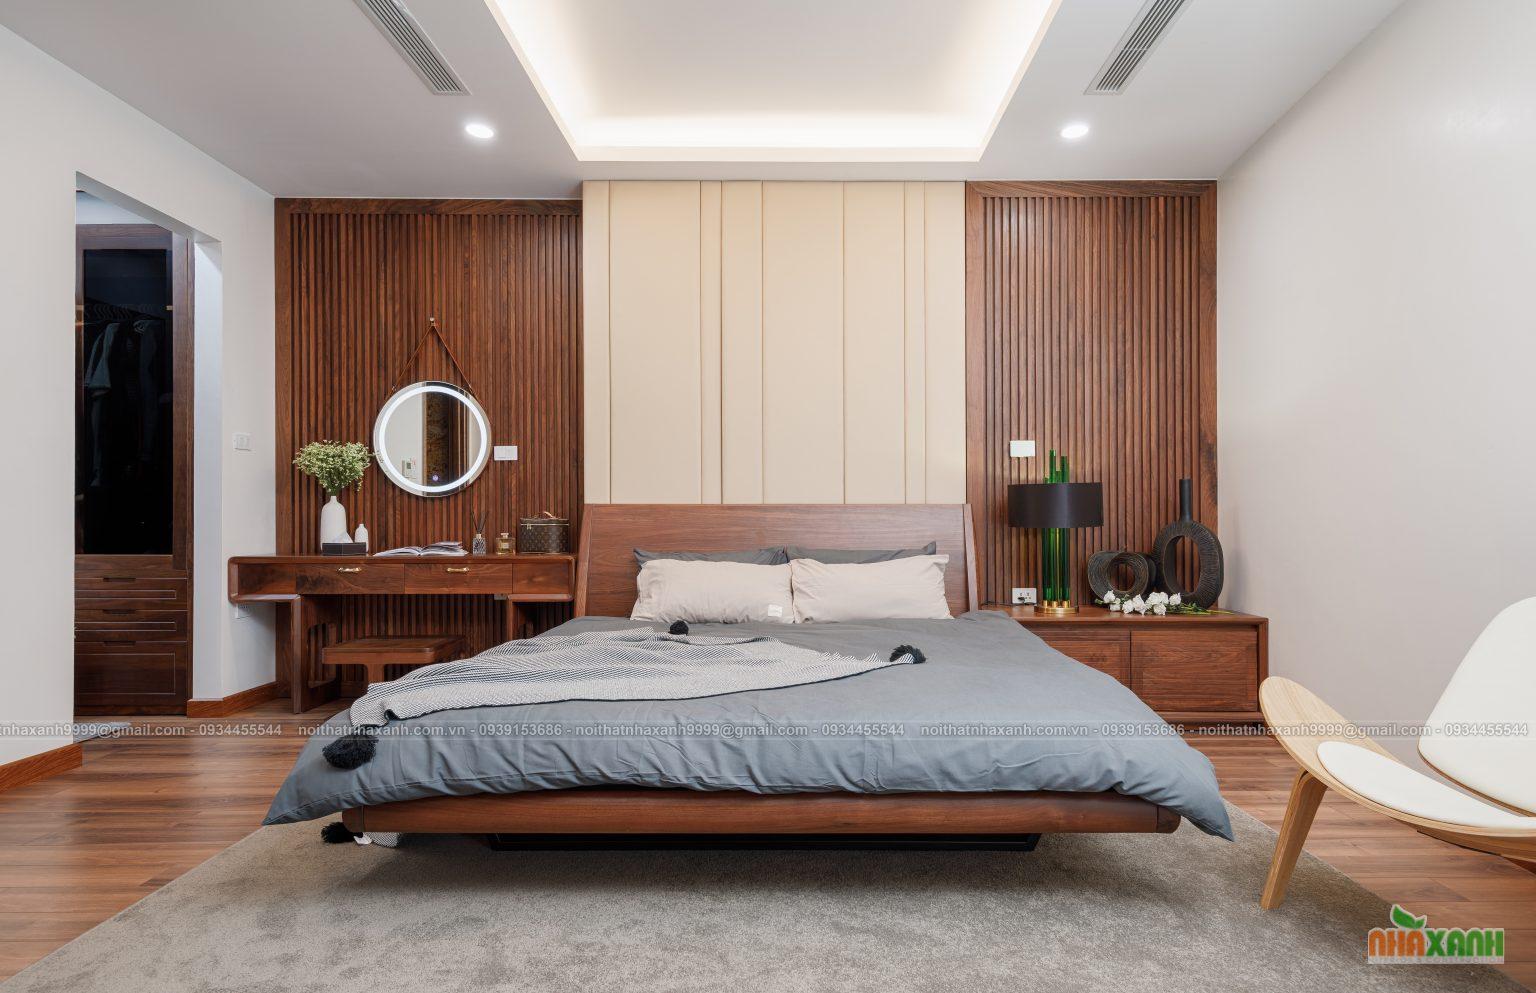 thiết kế thi công nội thất gỗ óc chó hiện đại cao cấp